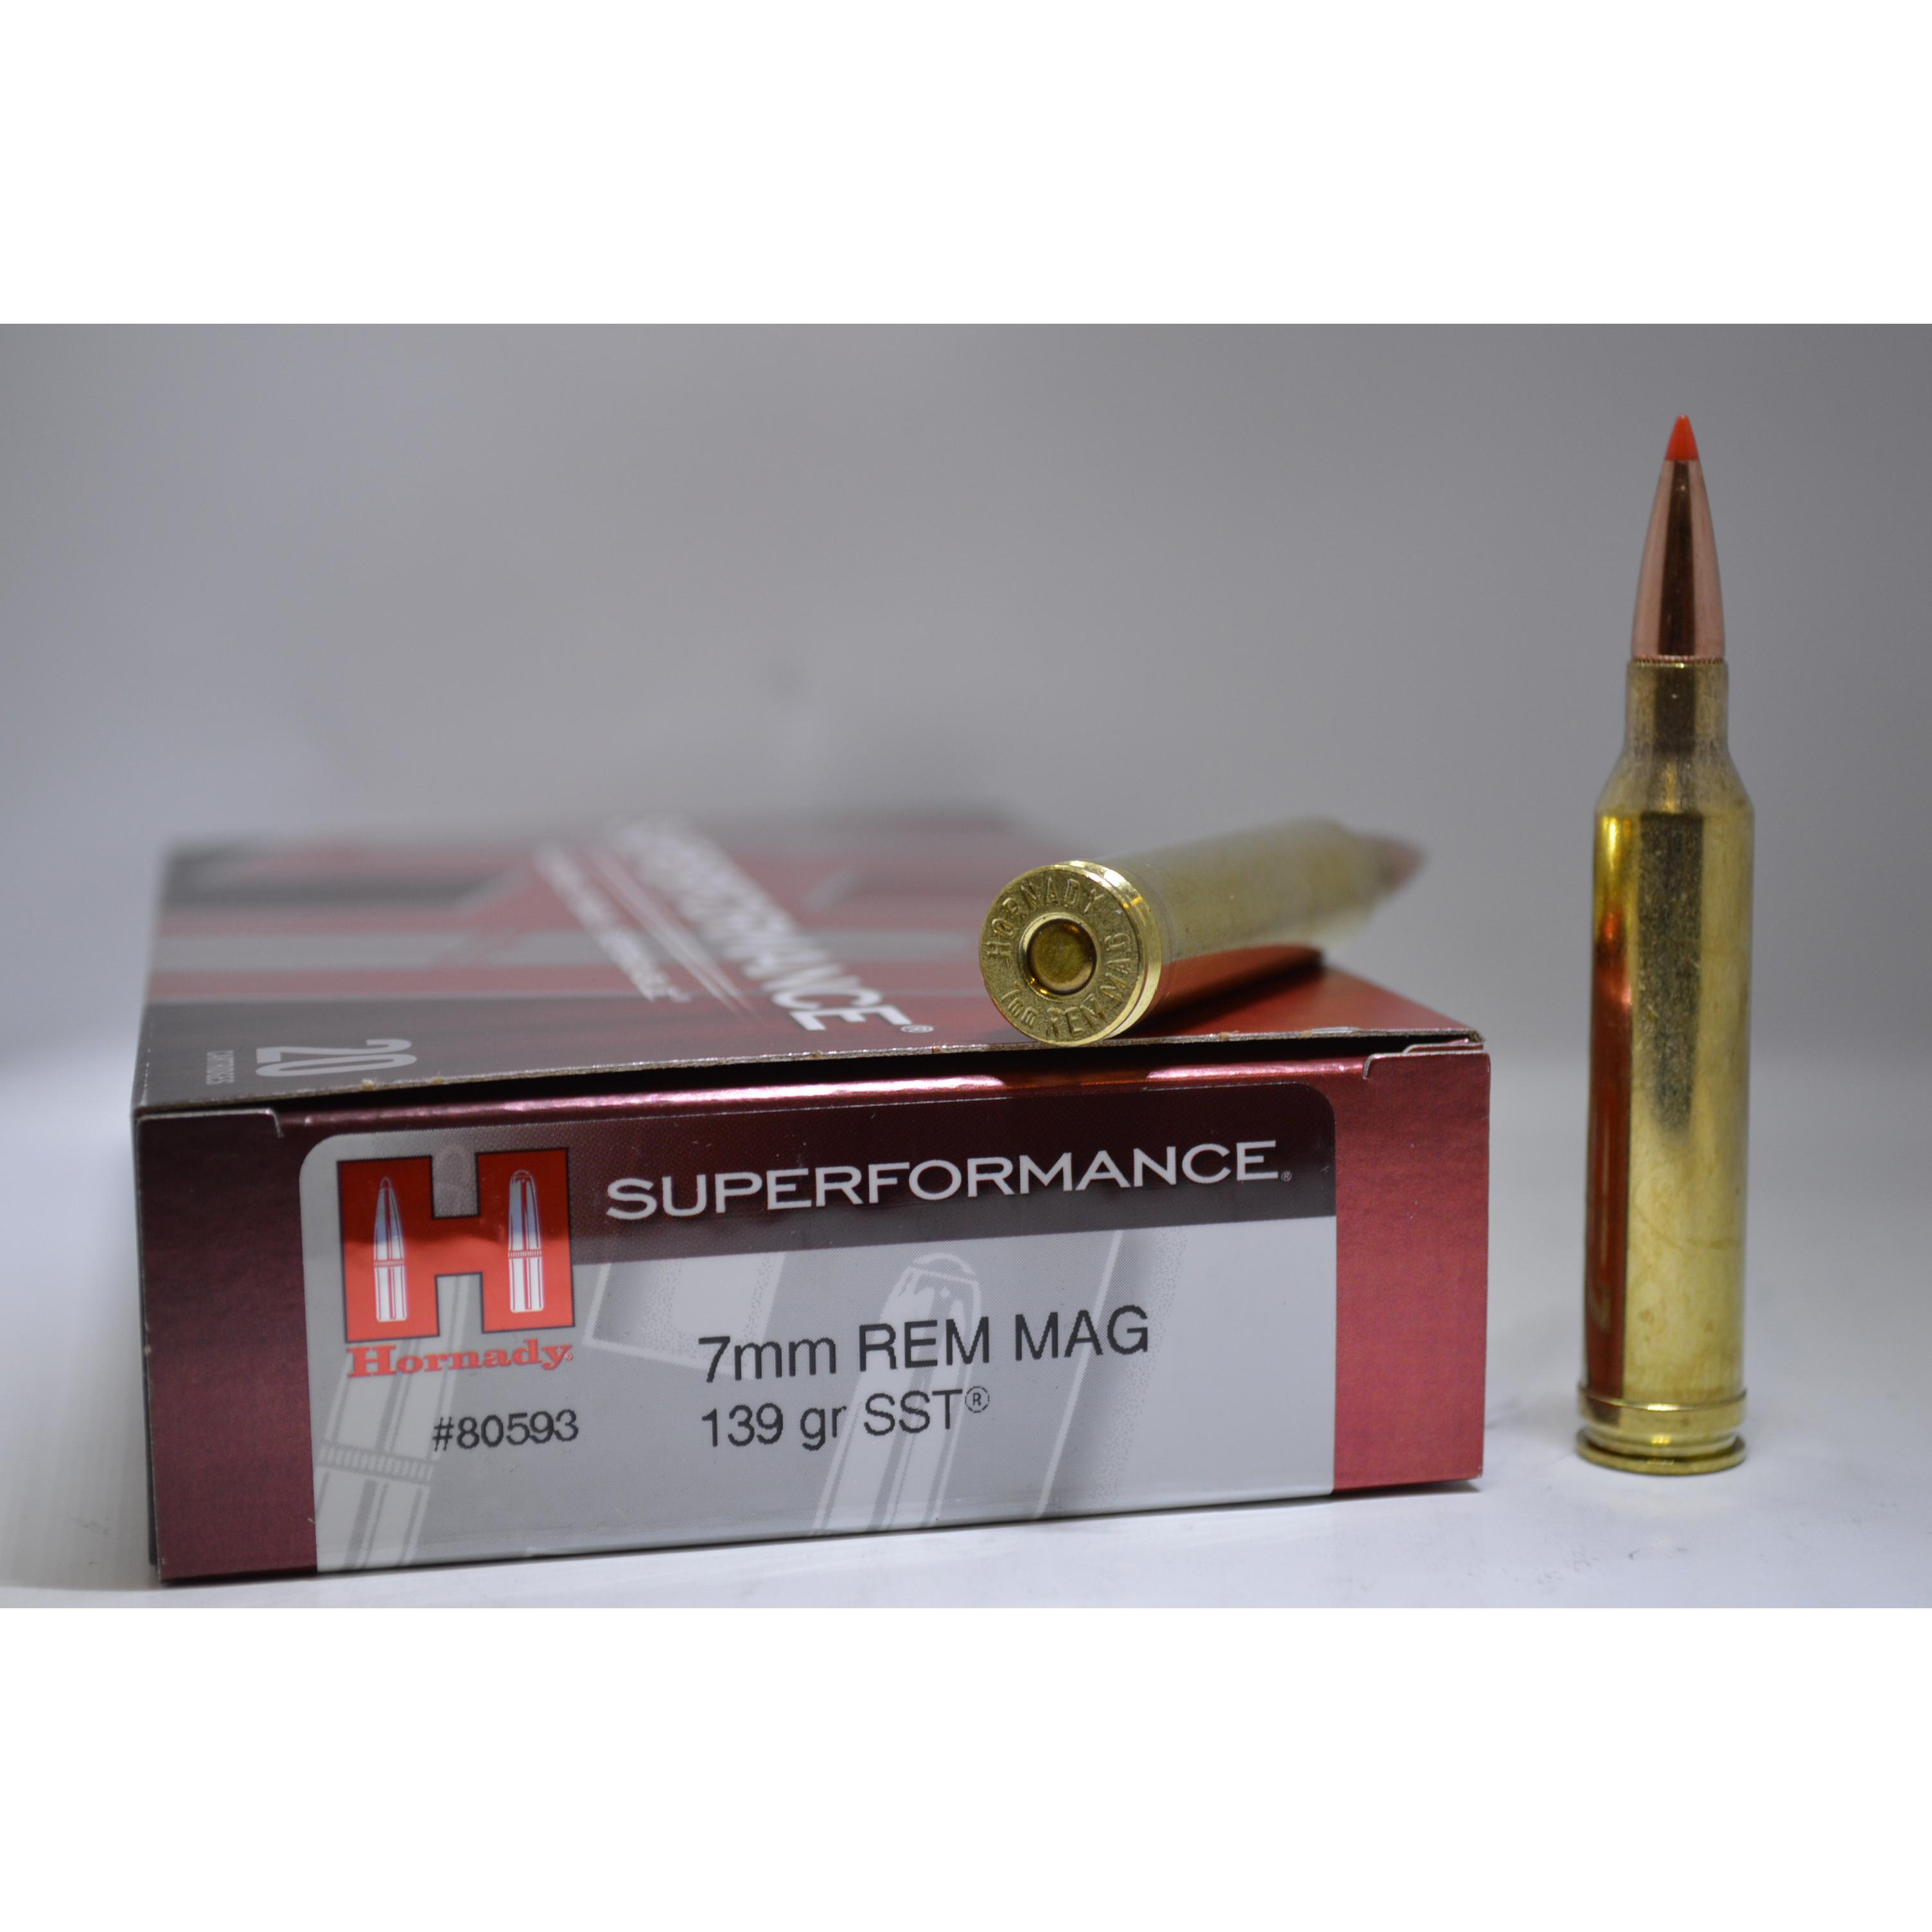 Hornady 7mm Rem Mag 139gr SST Superformance